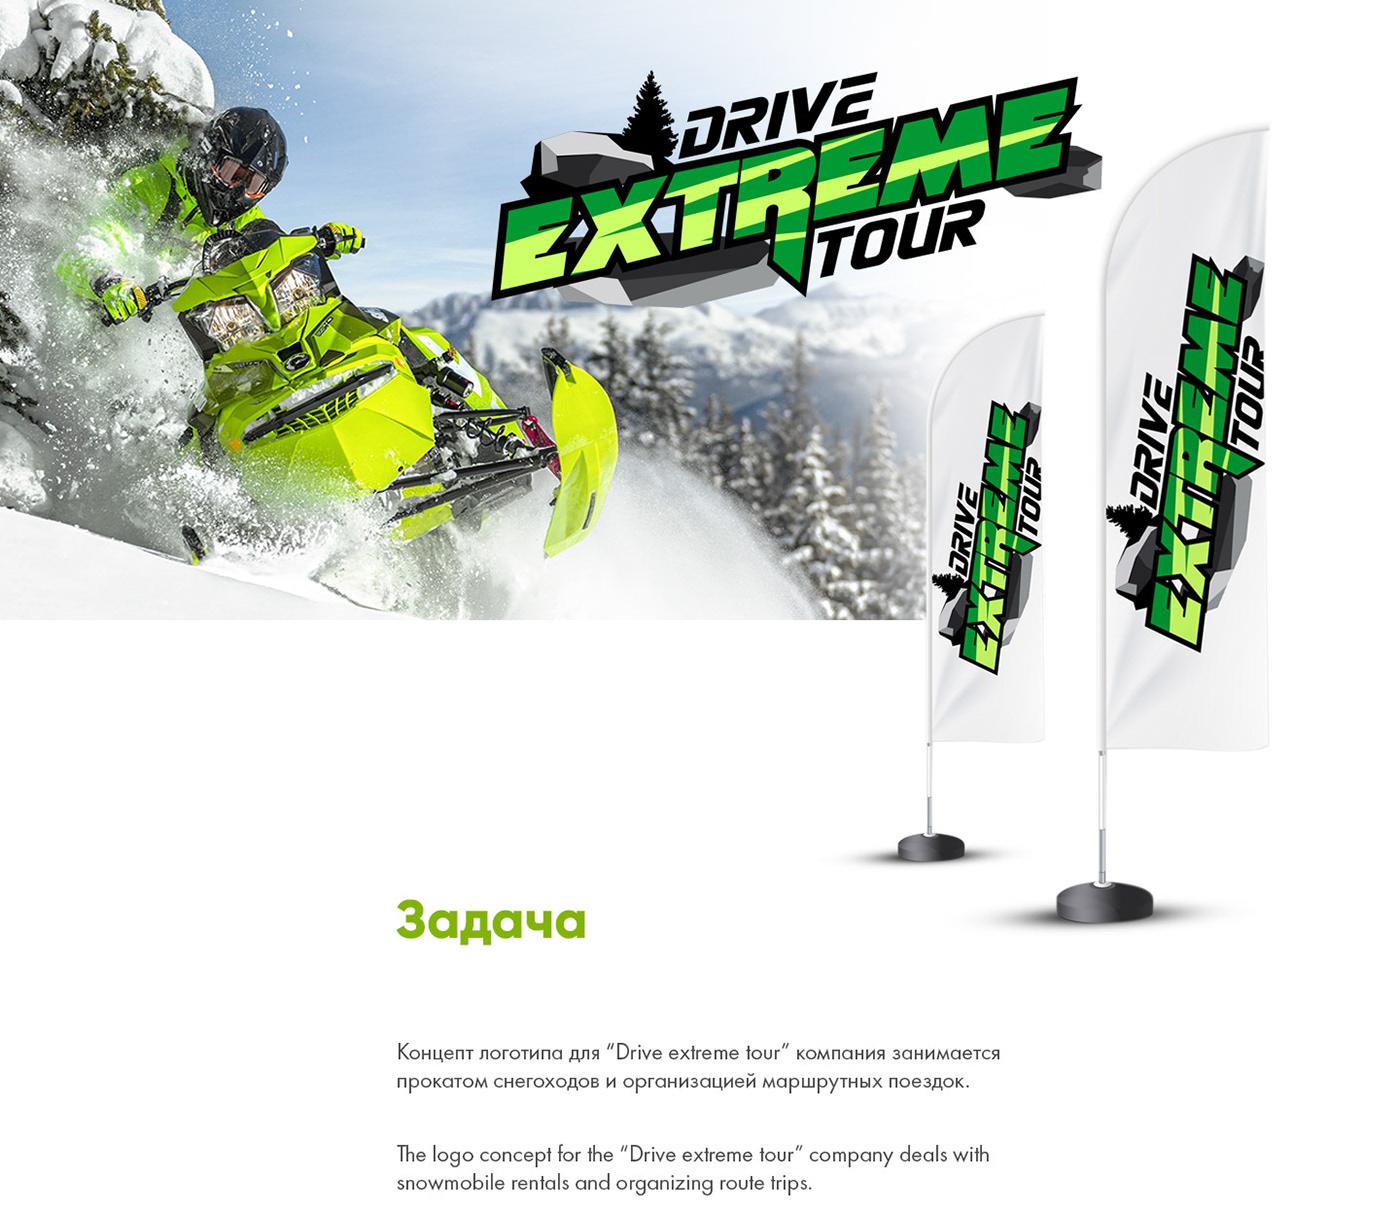 Image may contain: skiing and screenshot